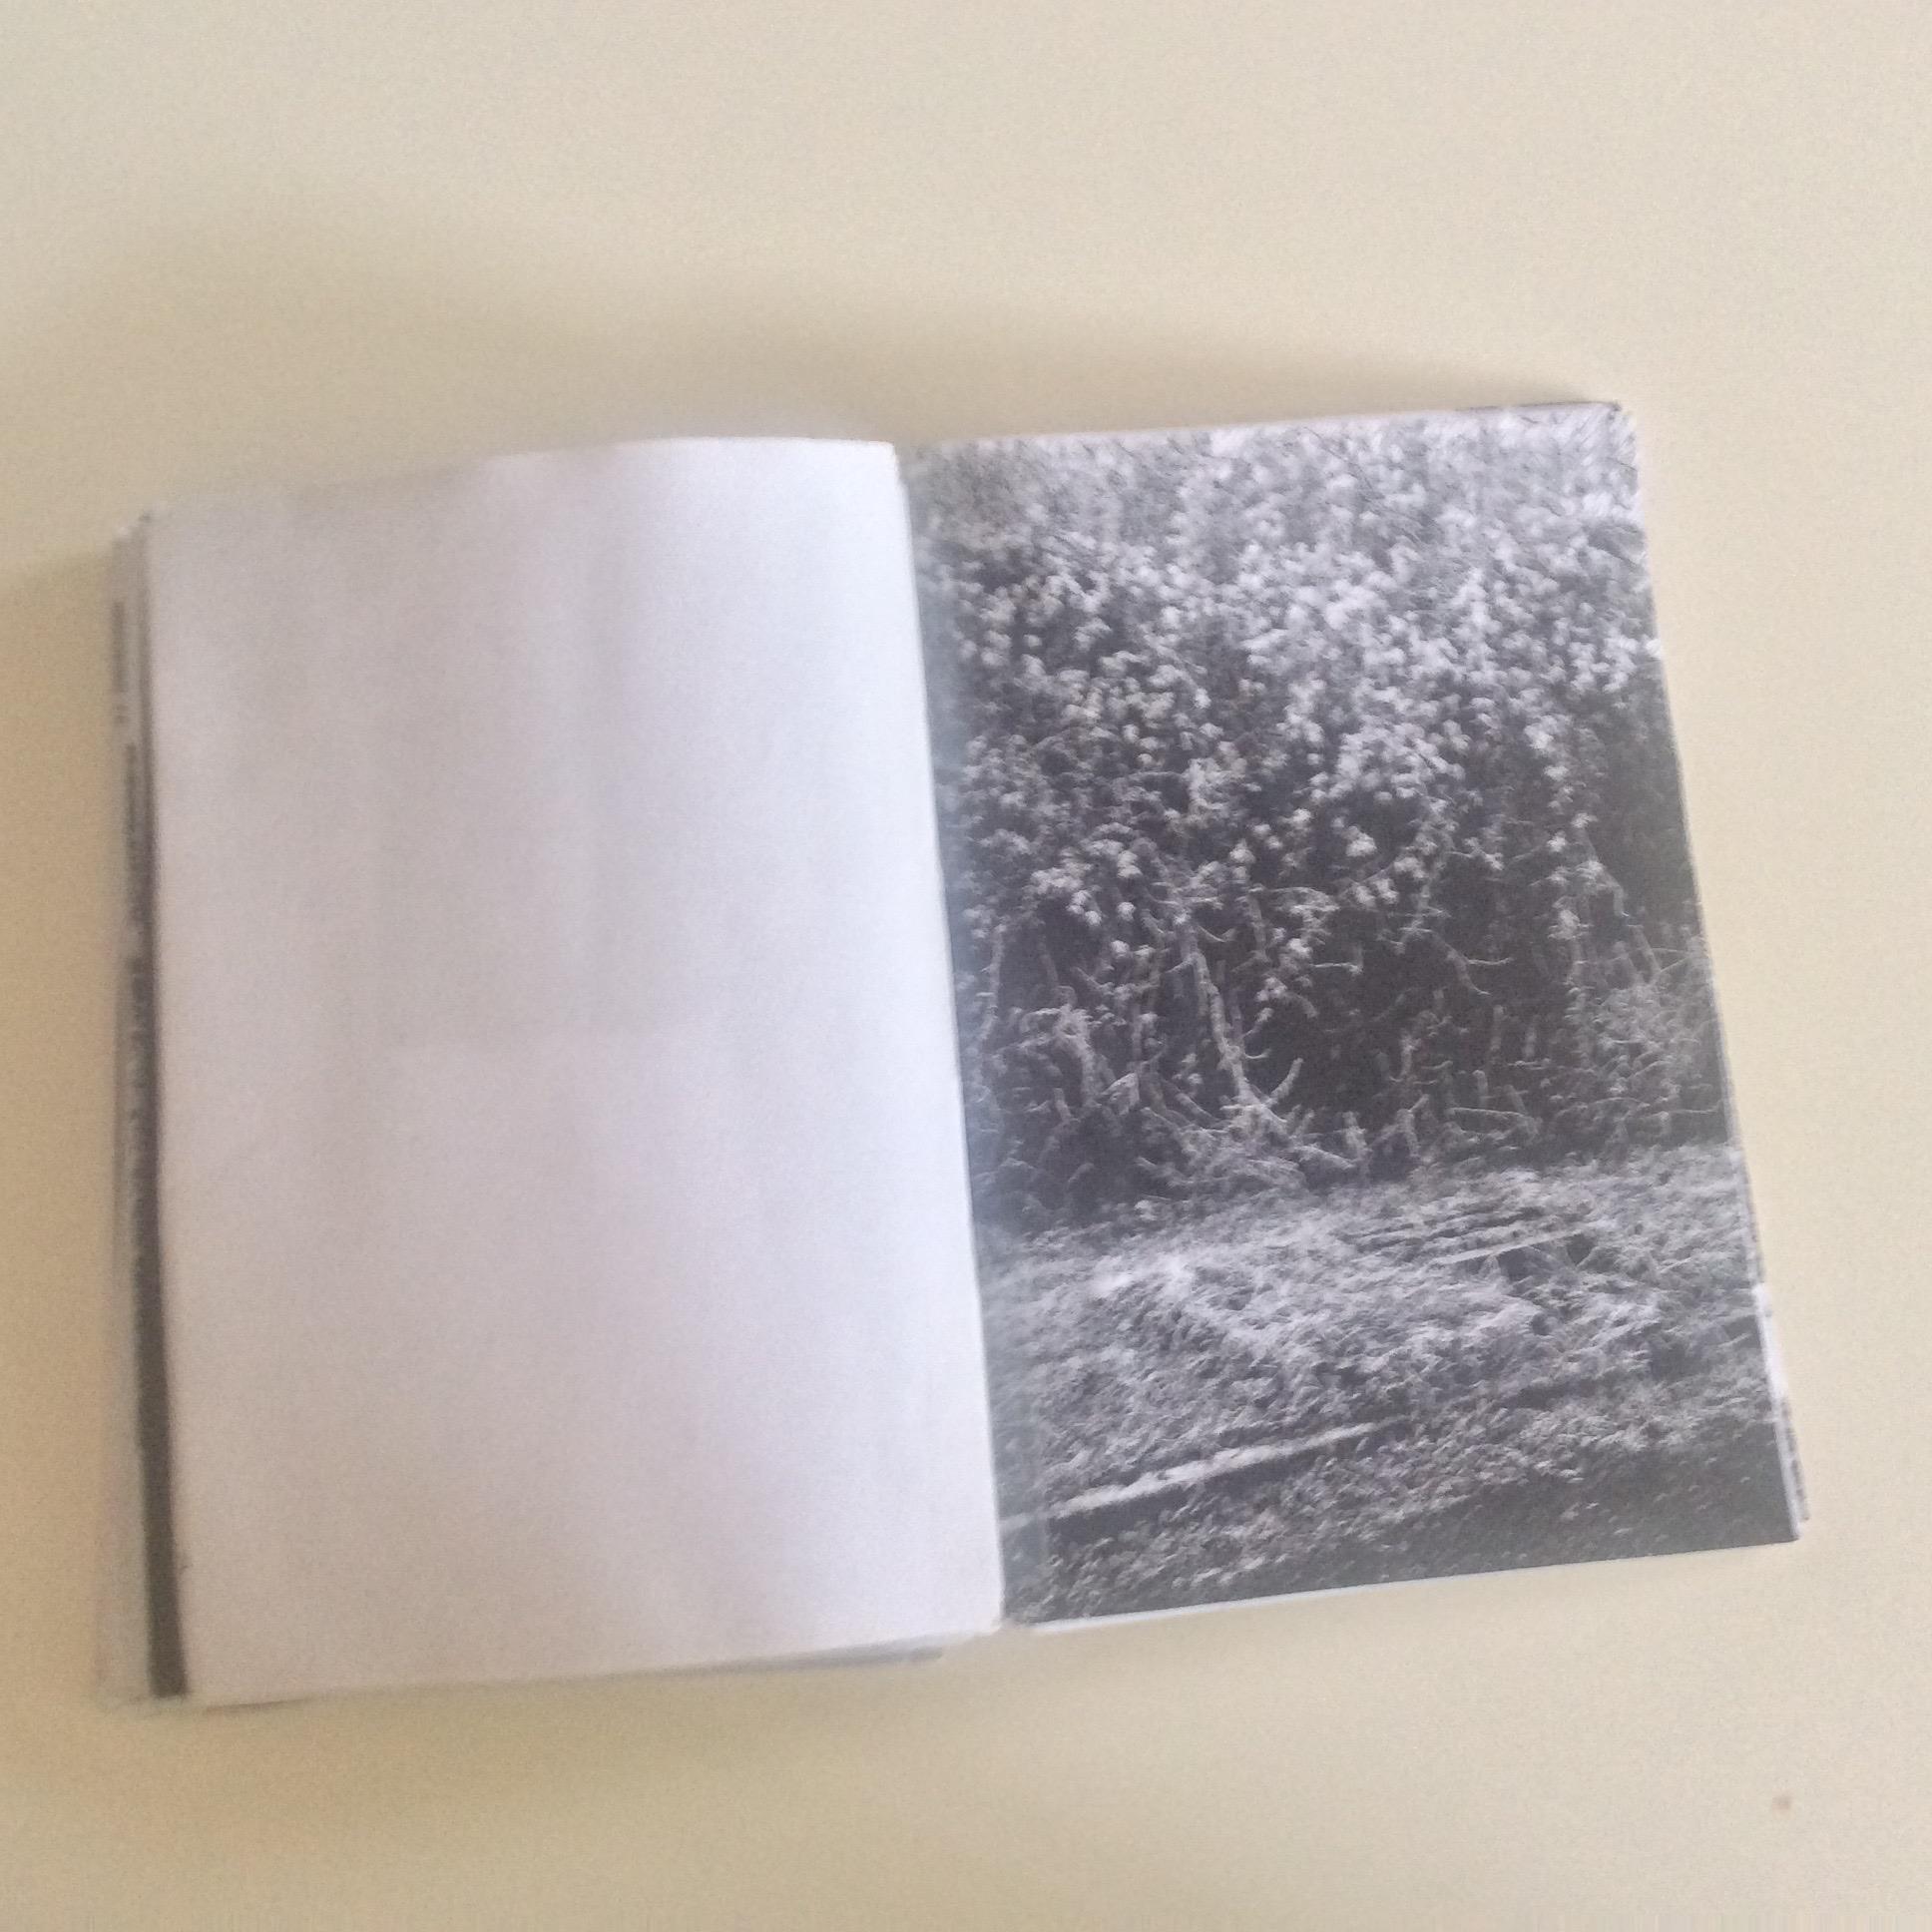 Photographies Sabrina Karp-dessin du livre Claire Jolin-les editions orange claireIMG_1491